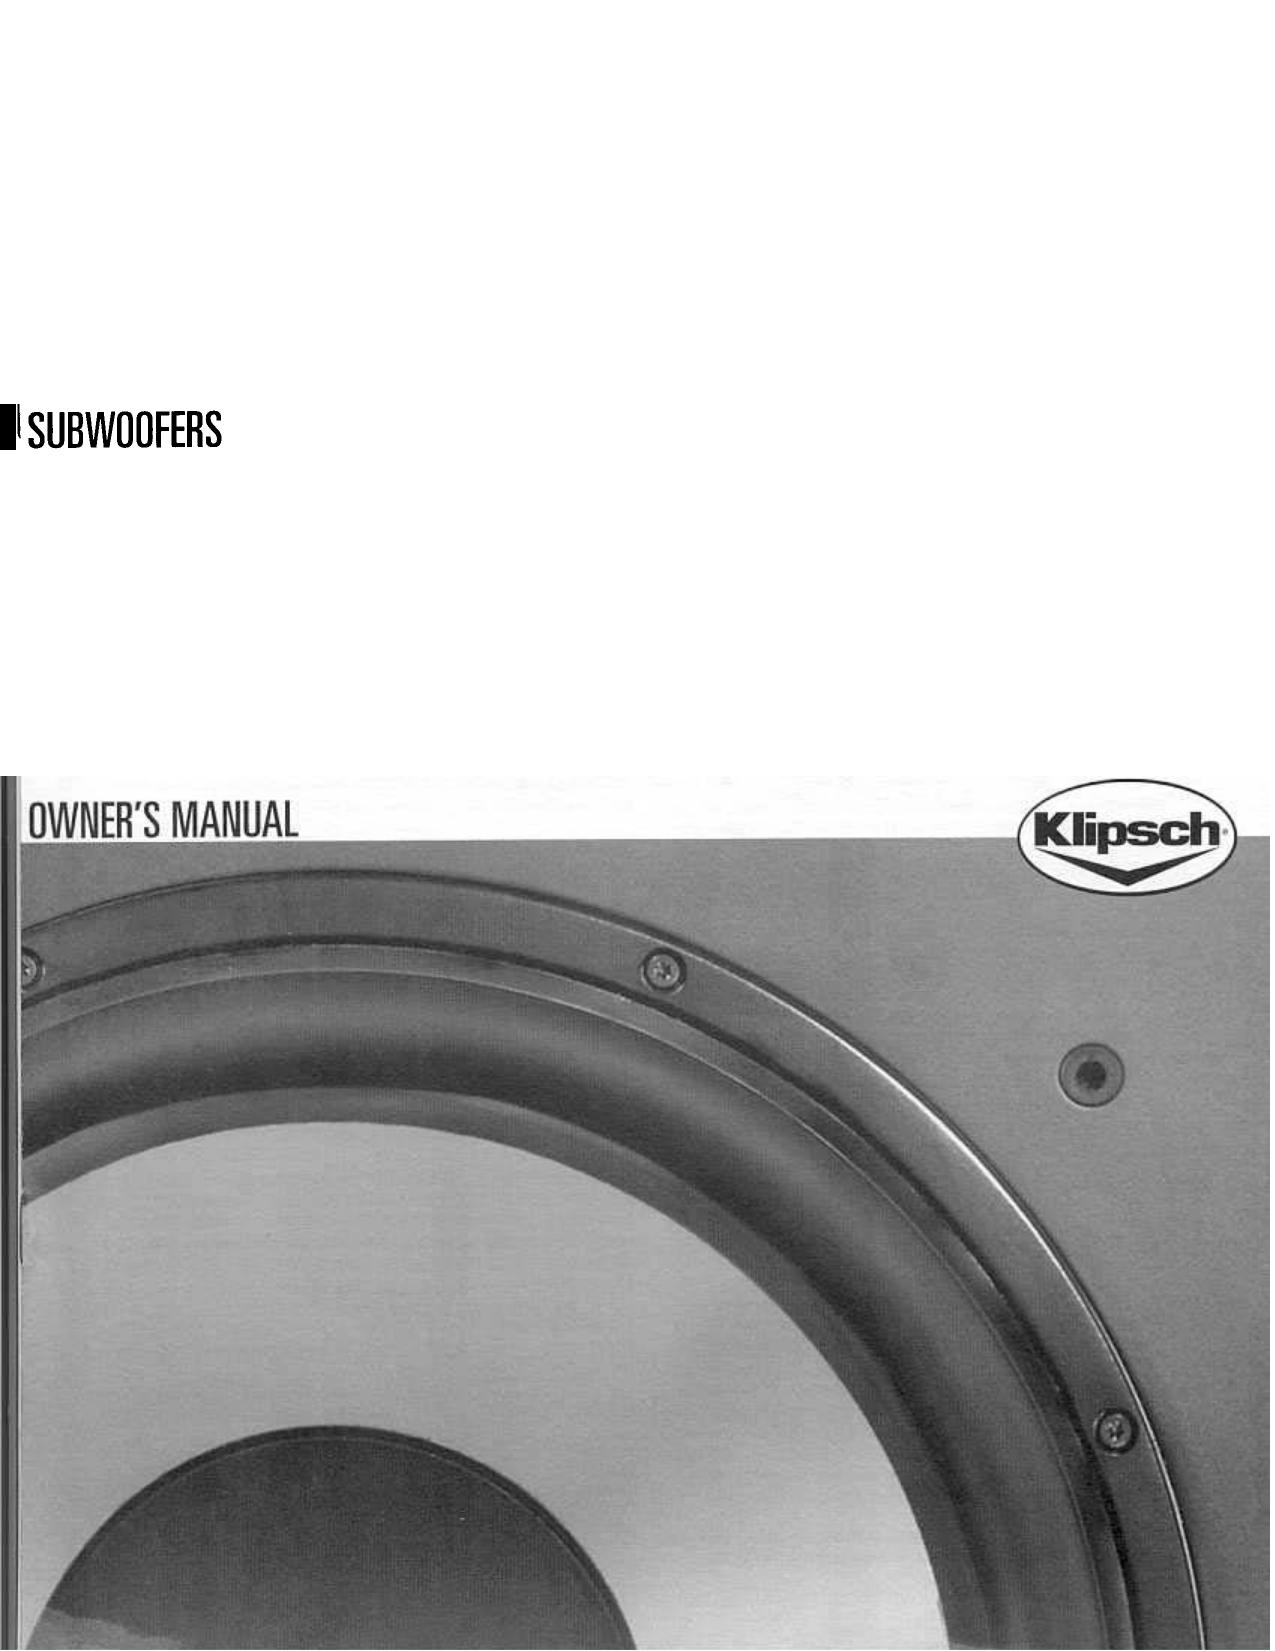 Klipsch 12 subwoofer manual